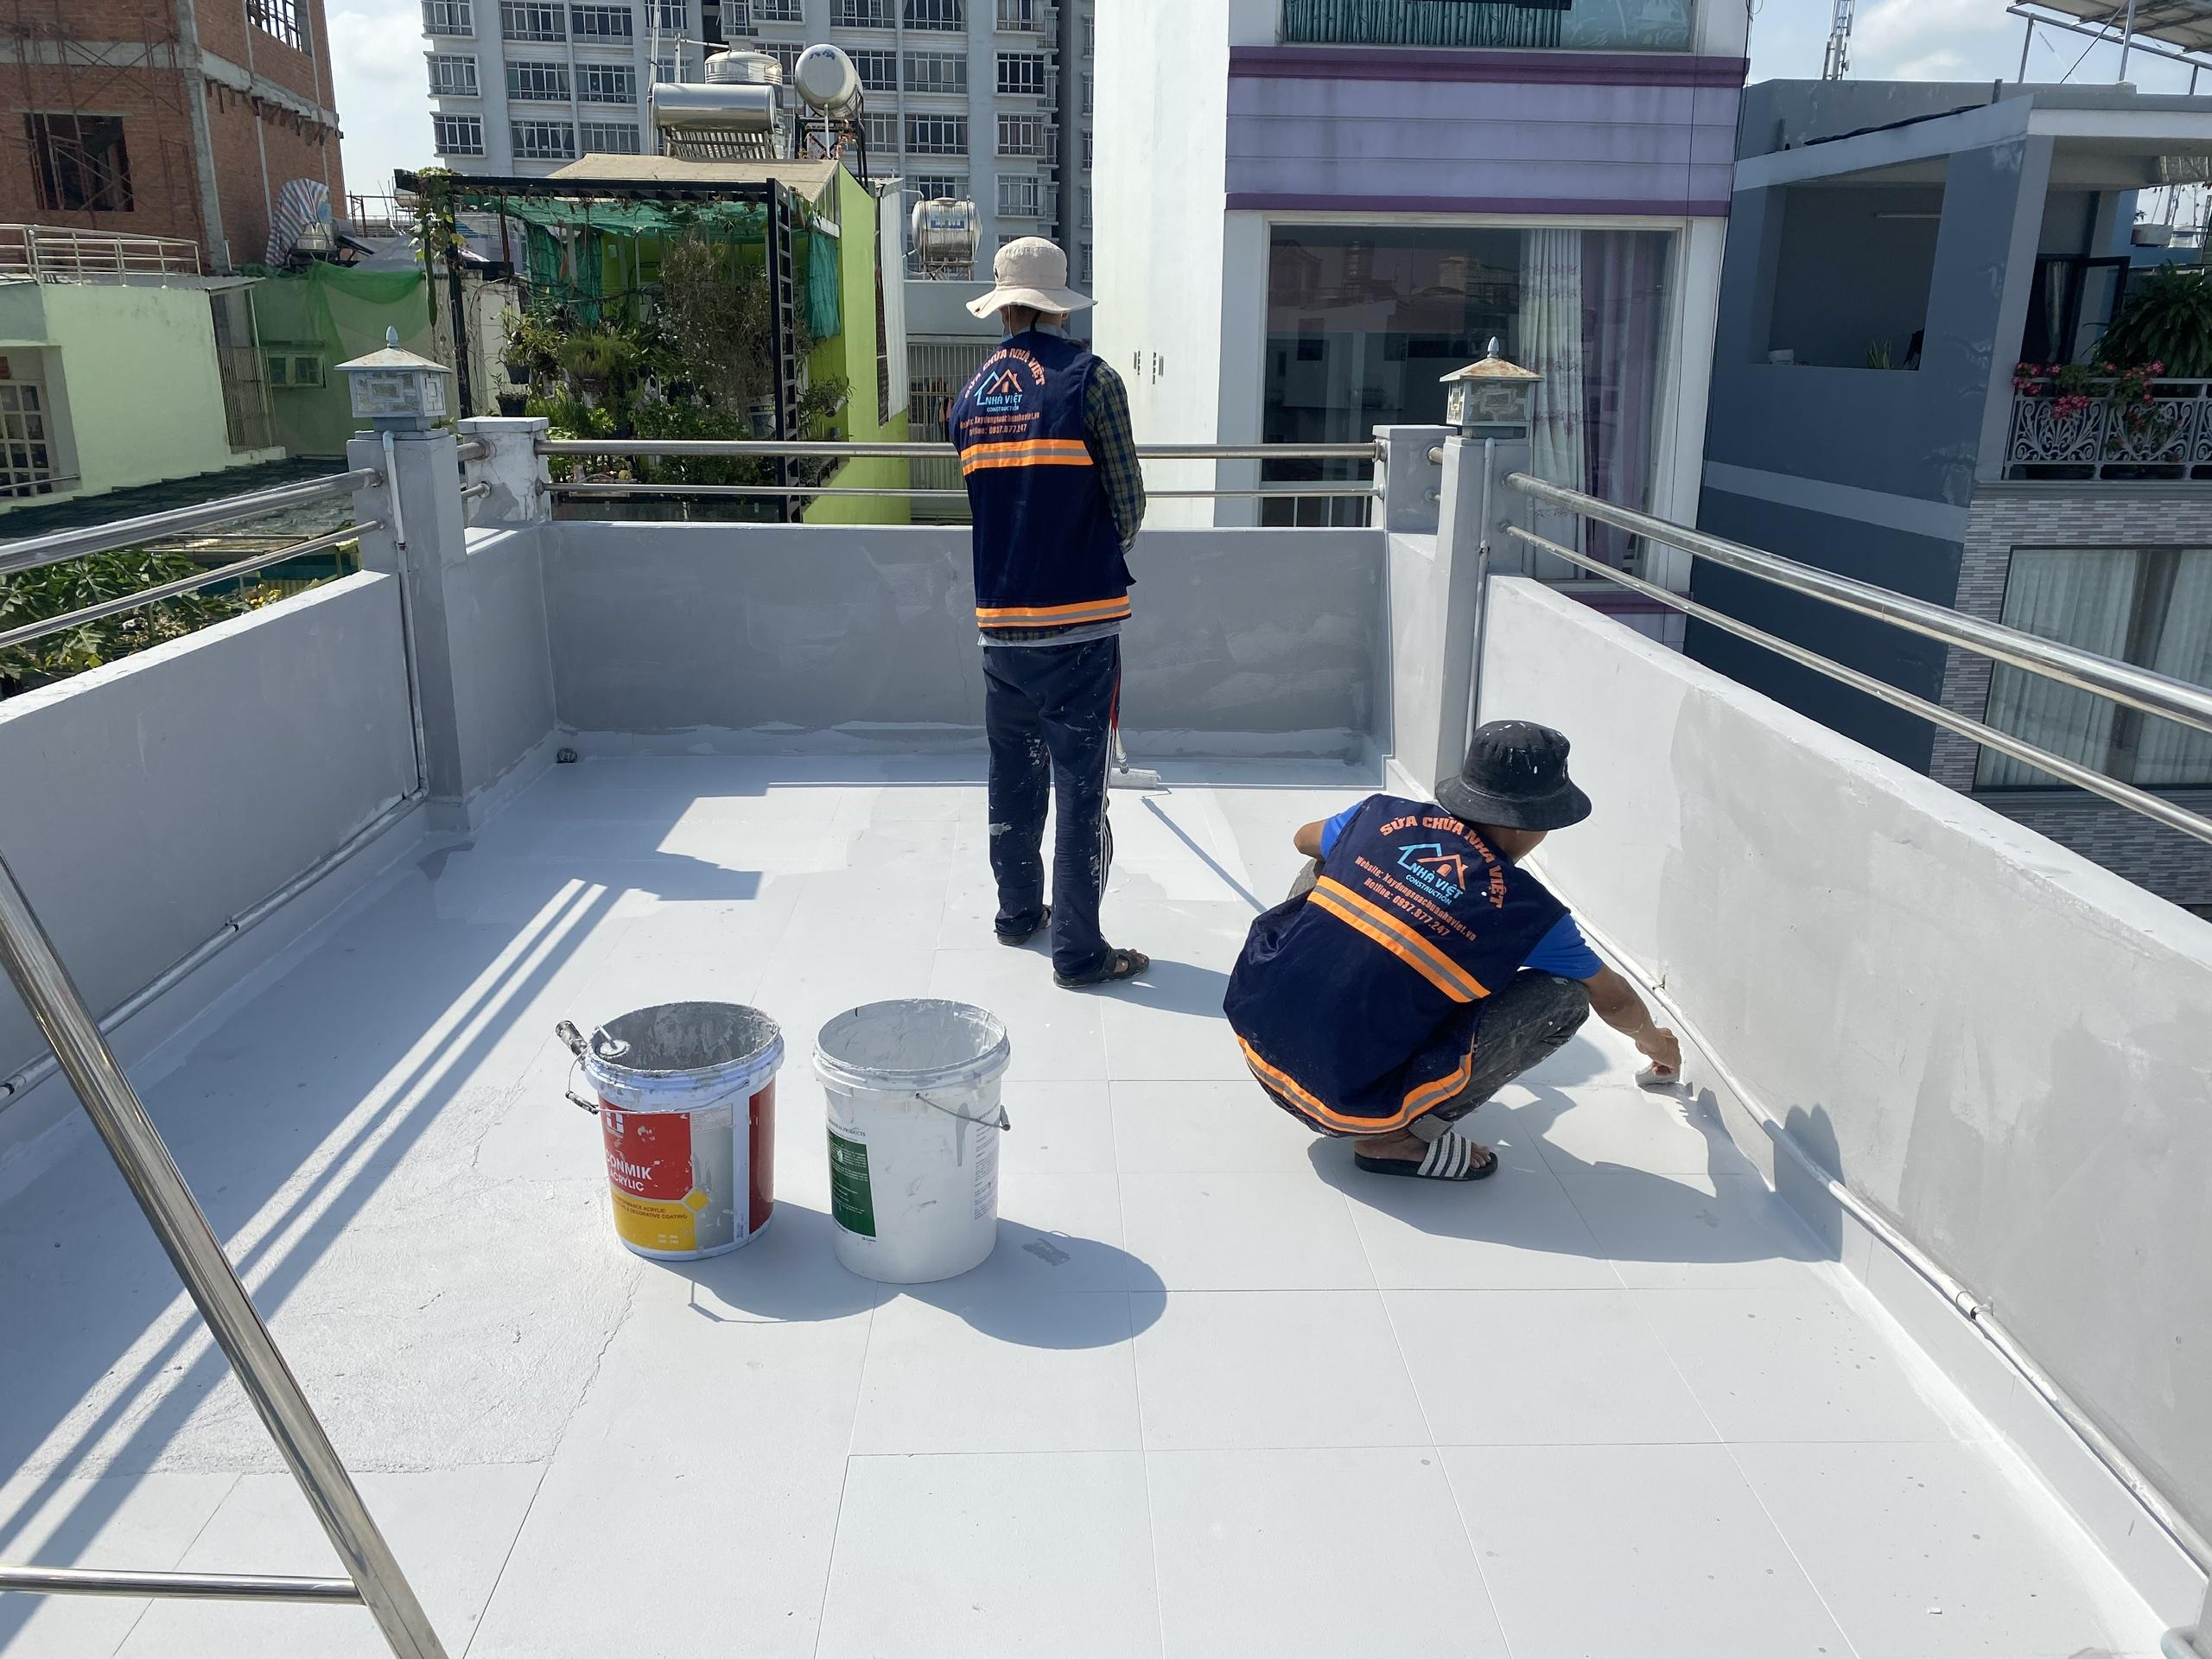 vat lieu chong tham san thuong 11 - 5 Vật liệu chống thấm sân thượng tốt nhất đảm bảo chất lượng hiện nay